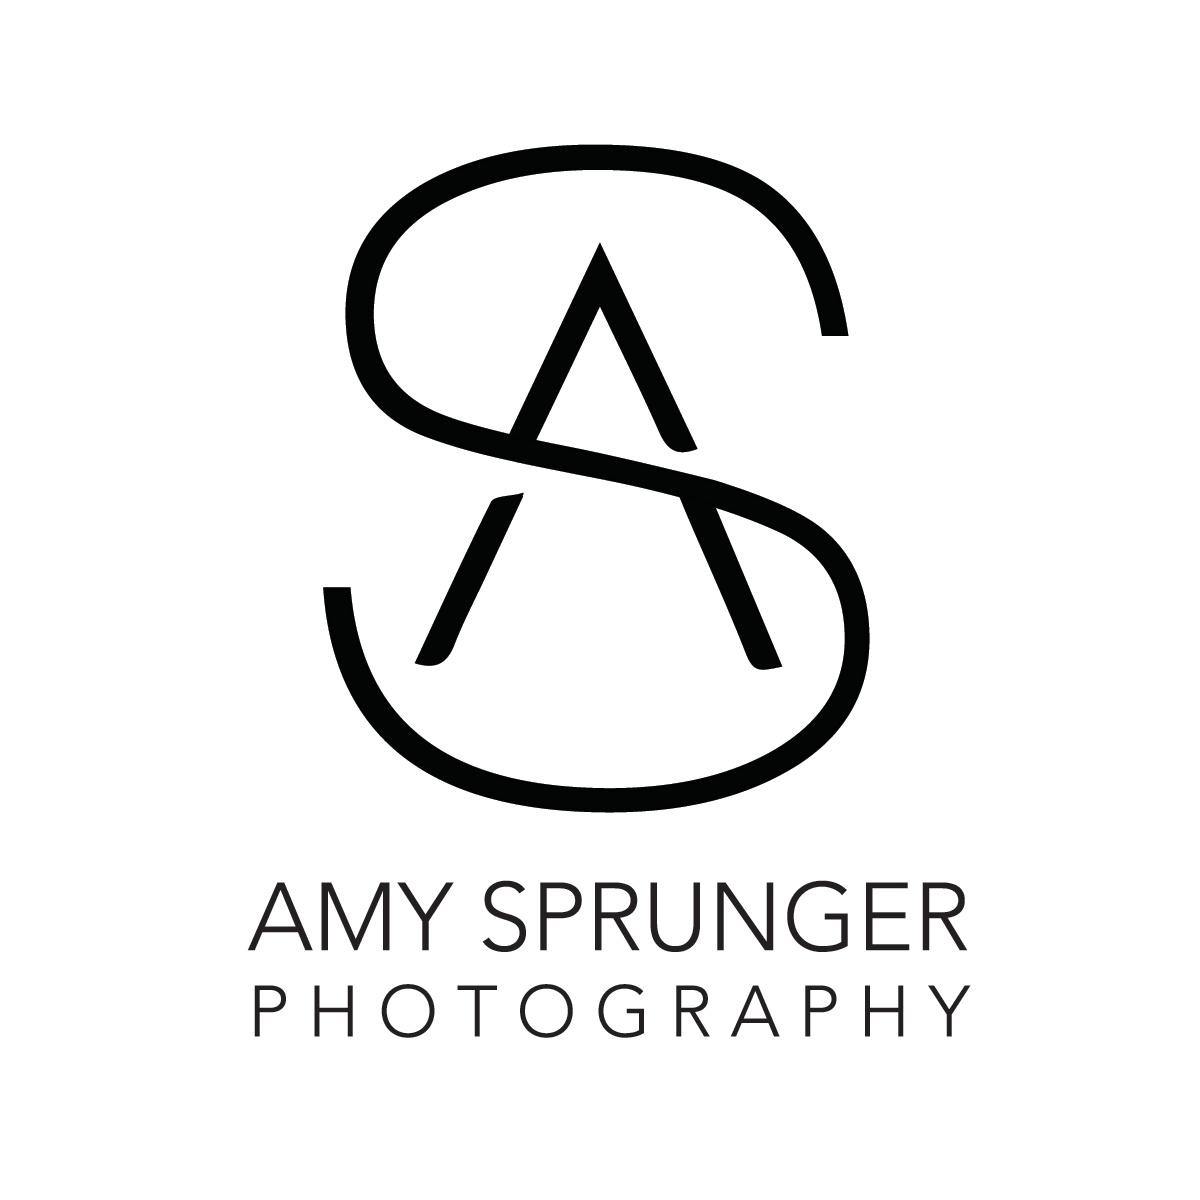 AmySprunger_final-01